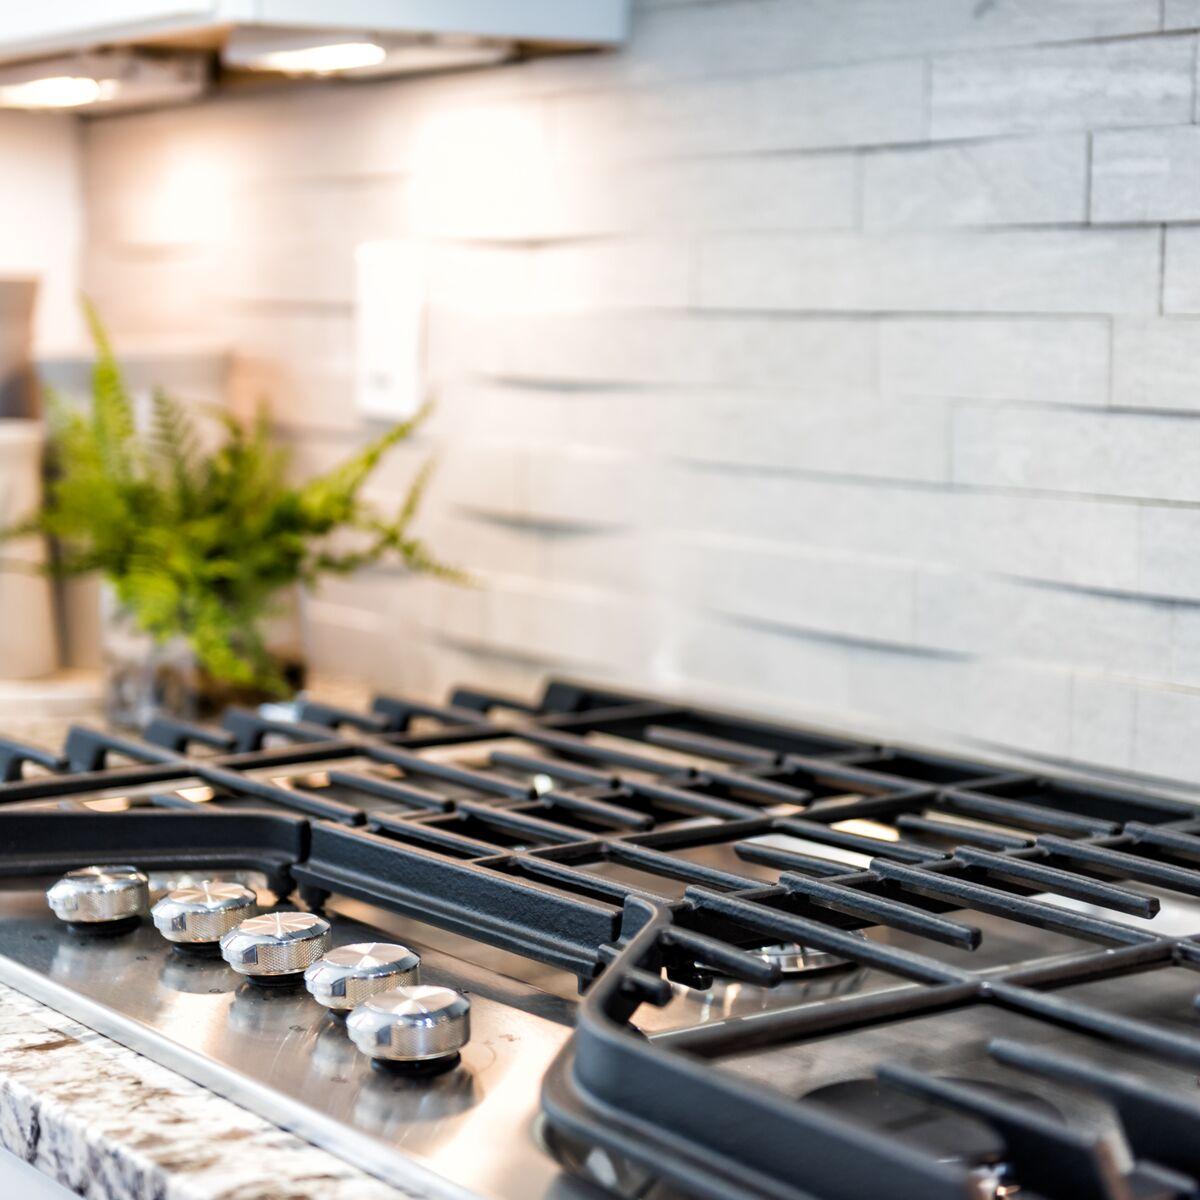 Comment Nettoyer Ma Plaque Induction tous nos conseils pour bien nettoyer une plaque de cuisson à